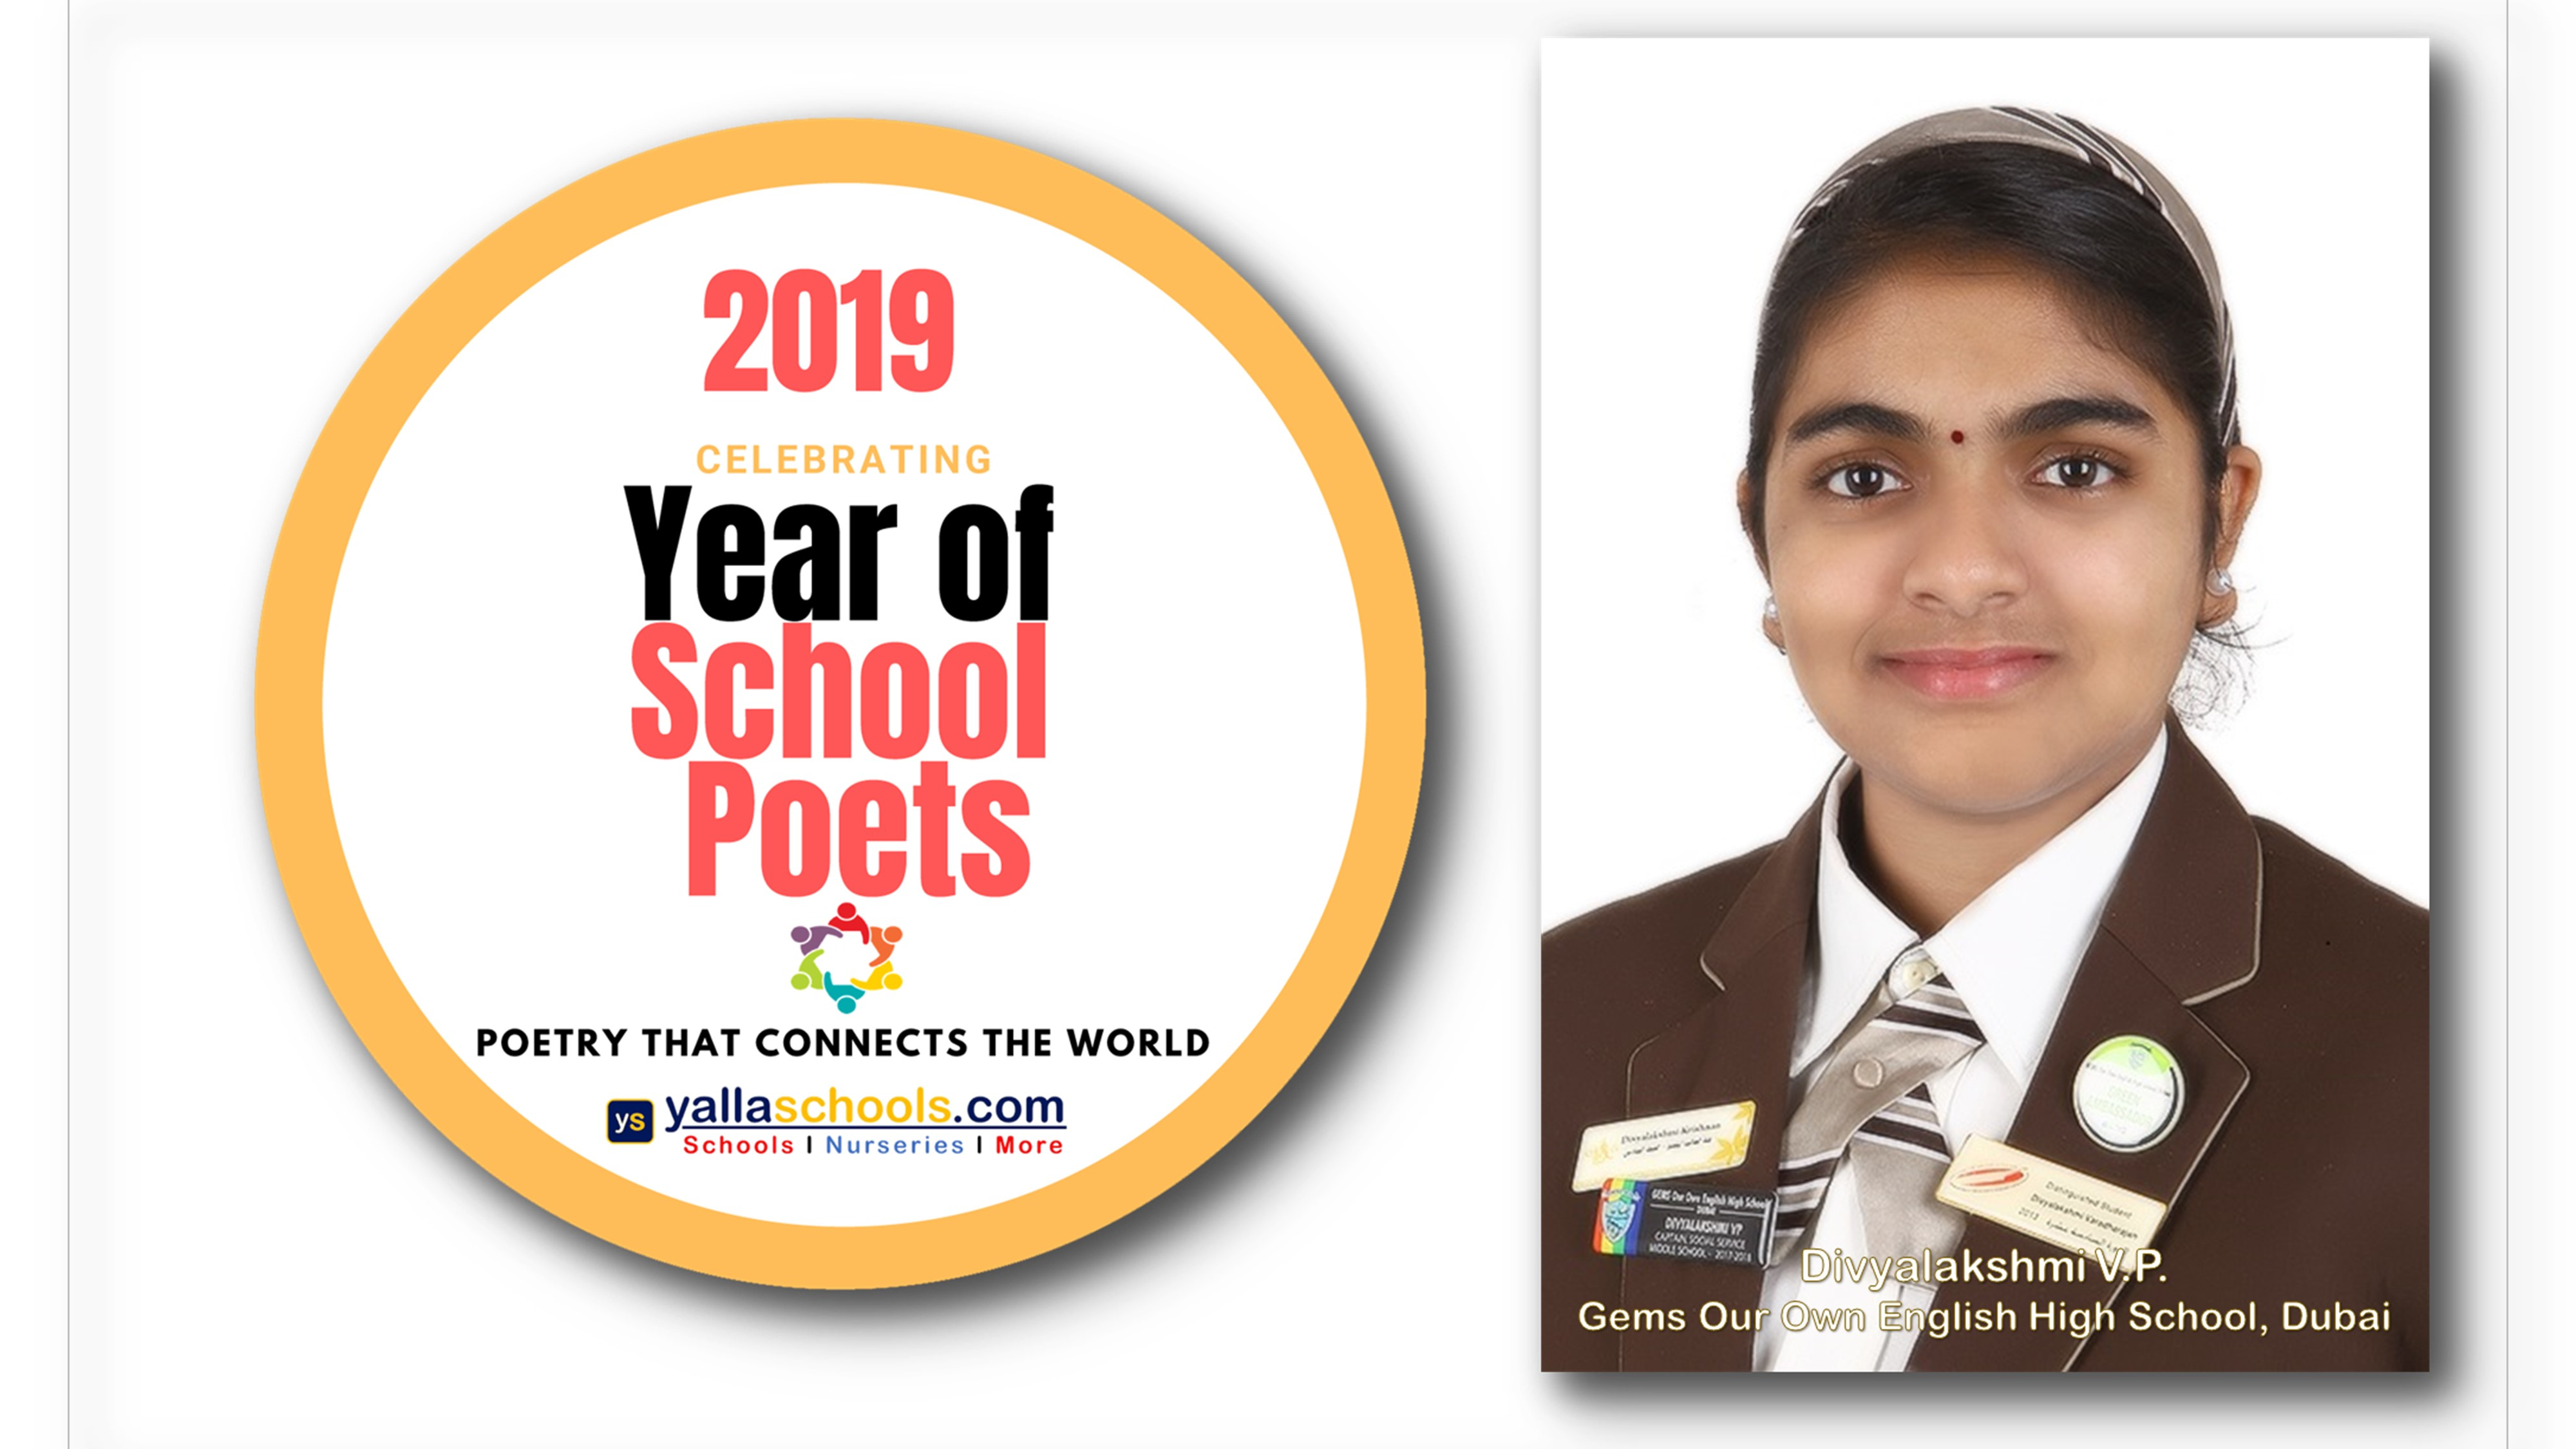 2019_Year_of_School_Poets,_Divyalakshmi_V_P,_GEMS_Our_Own_High_School,_Dubai